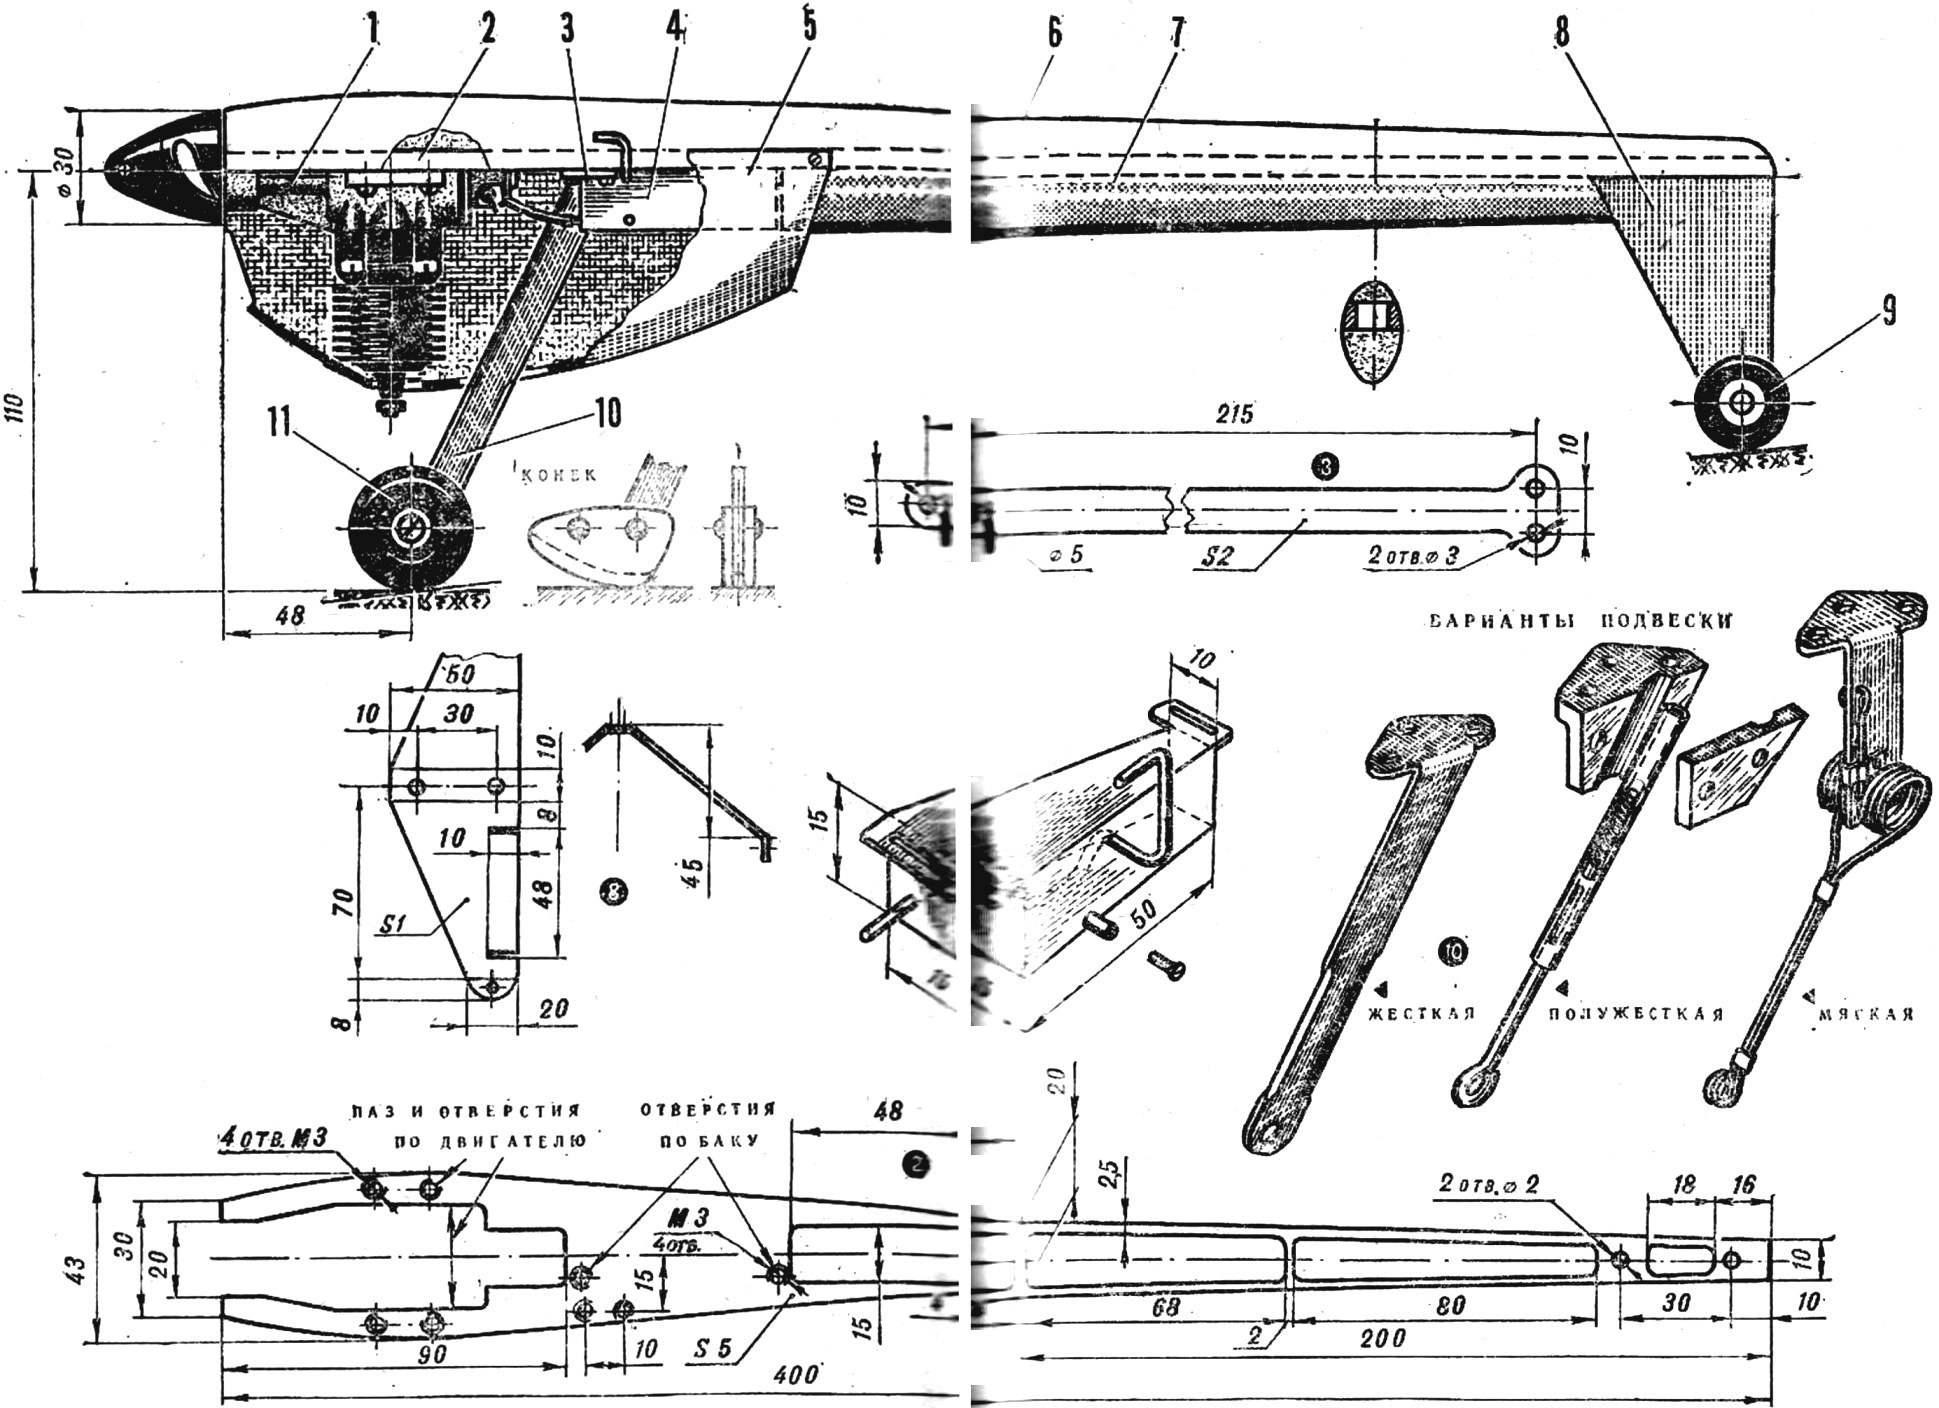 Модель скоростного аэромобиля с воздушным винтом